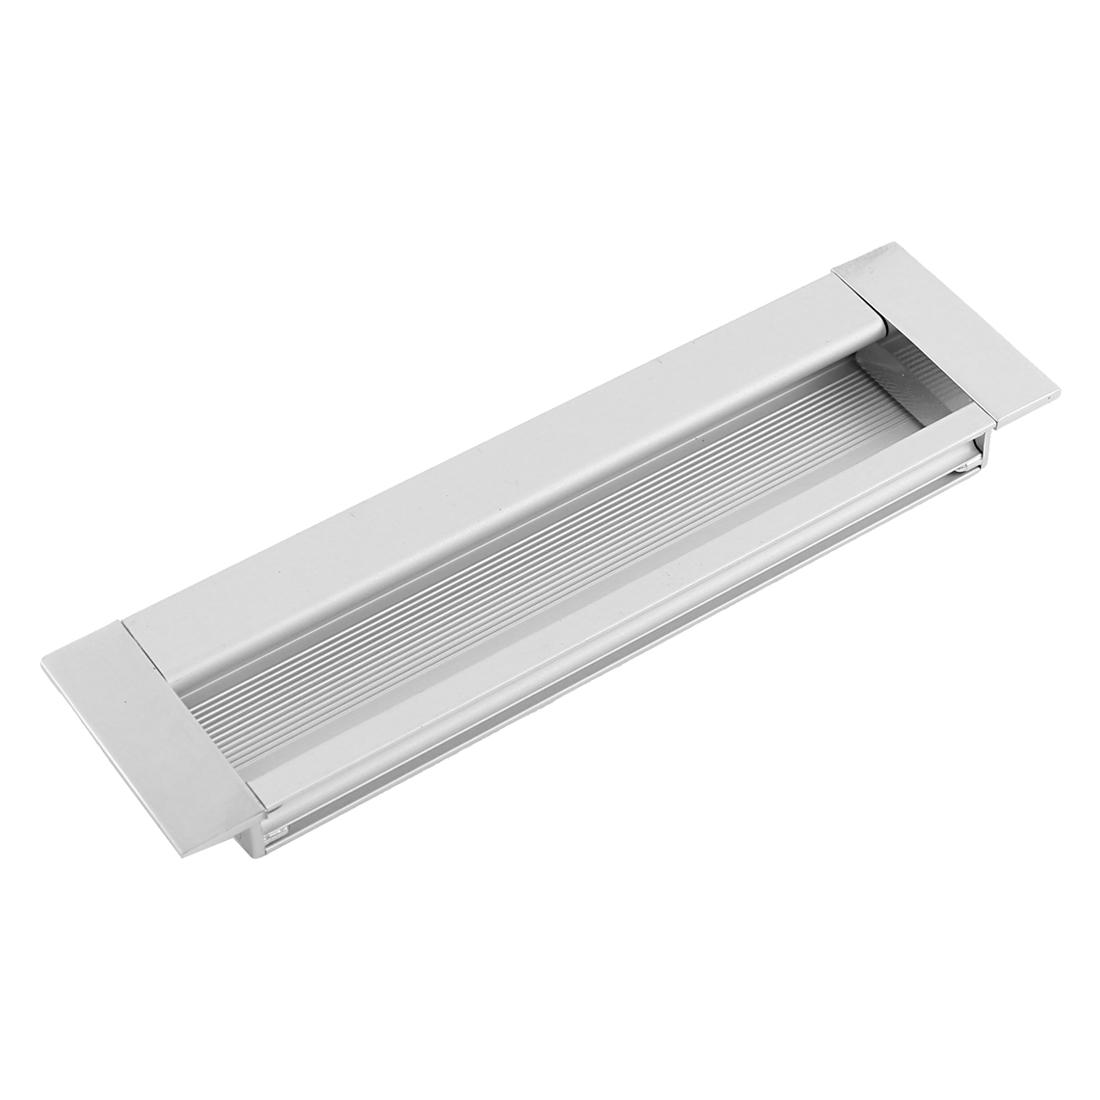 Aluminium Rectangle Cabinet Door Flush Recessed Pull Handle 142mm x 40mm